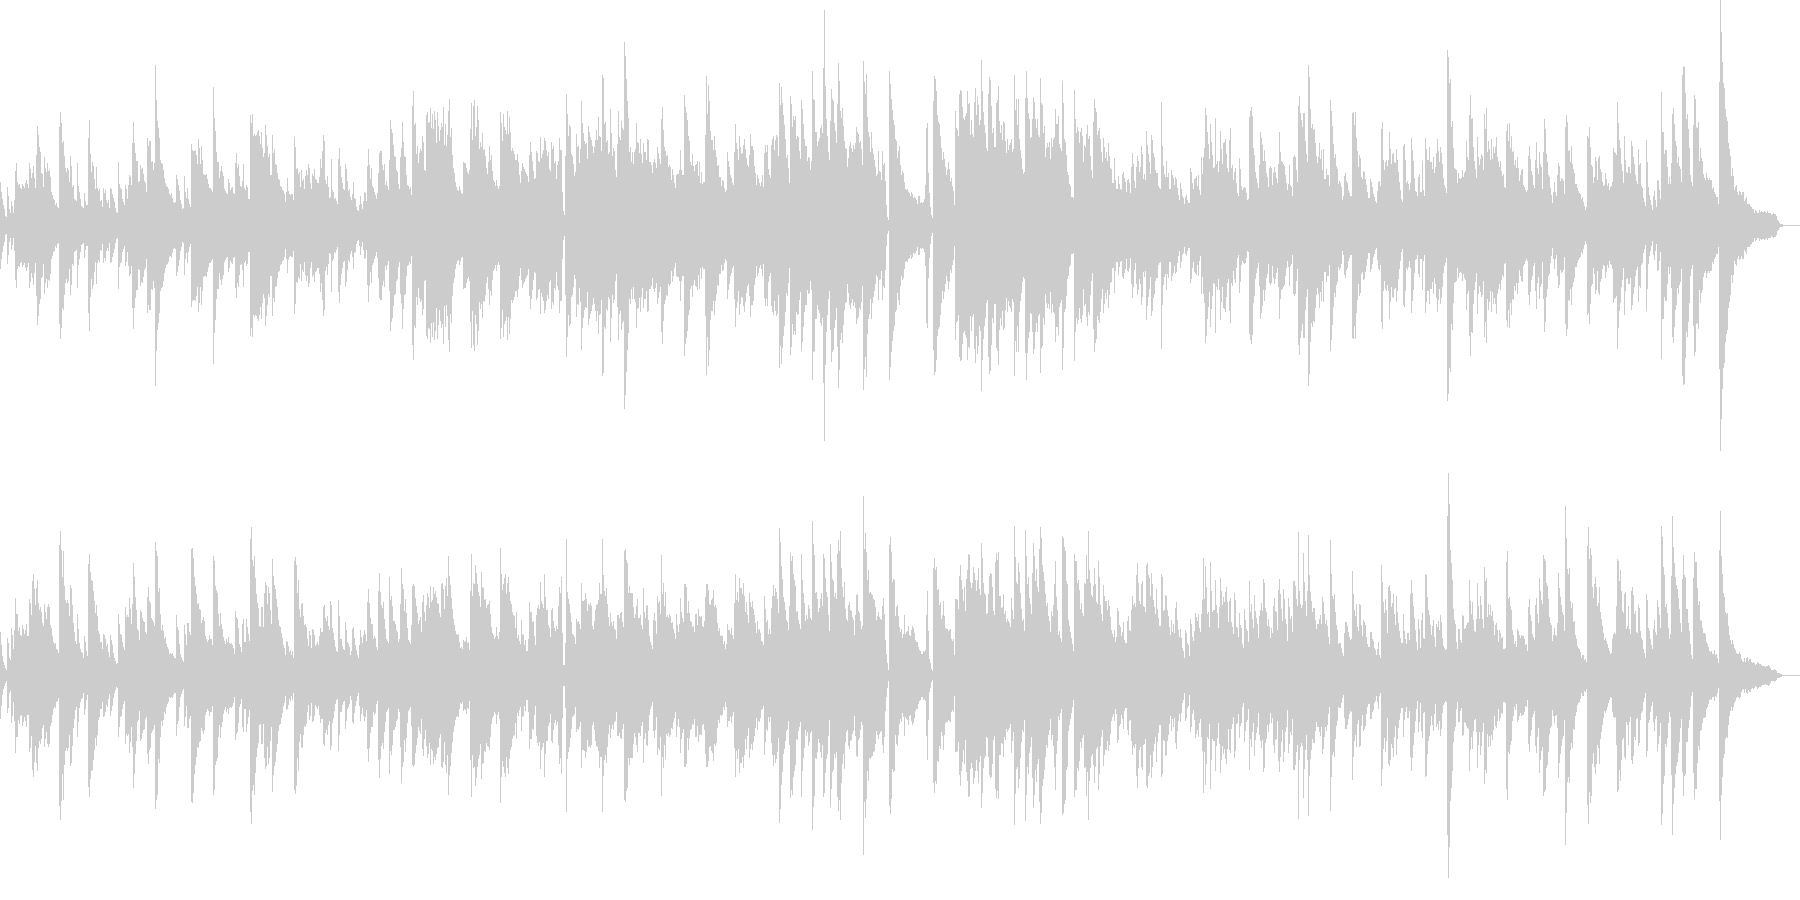 ジャズバラードテーマピアノ生演奏劇伴映像の未再生の波形